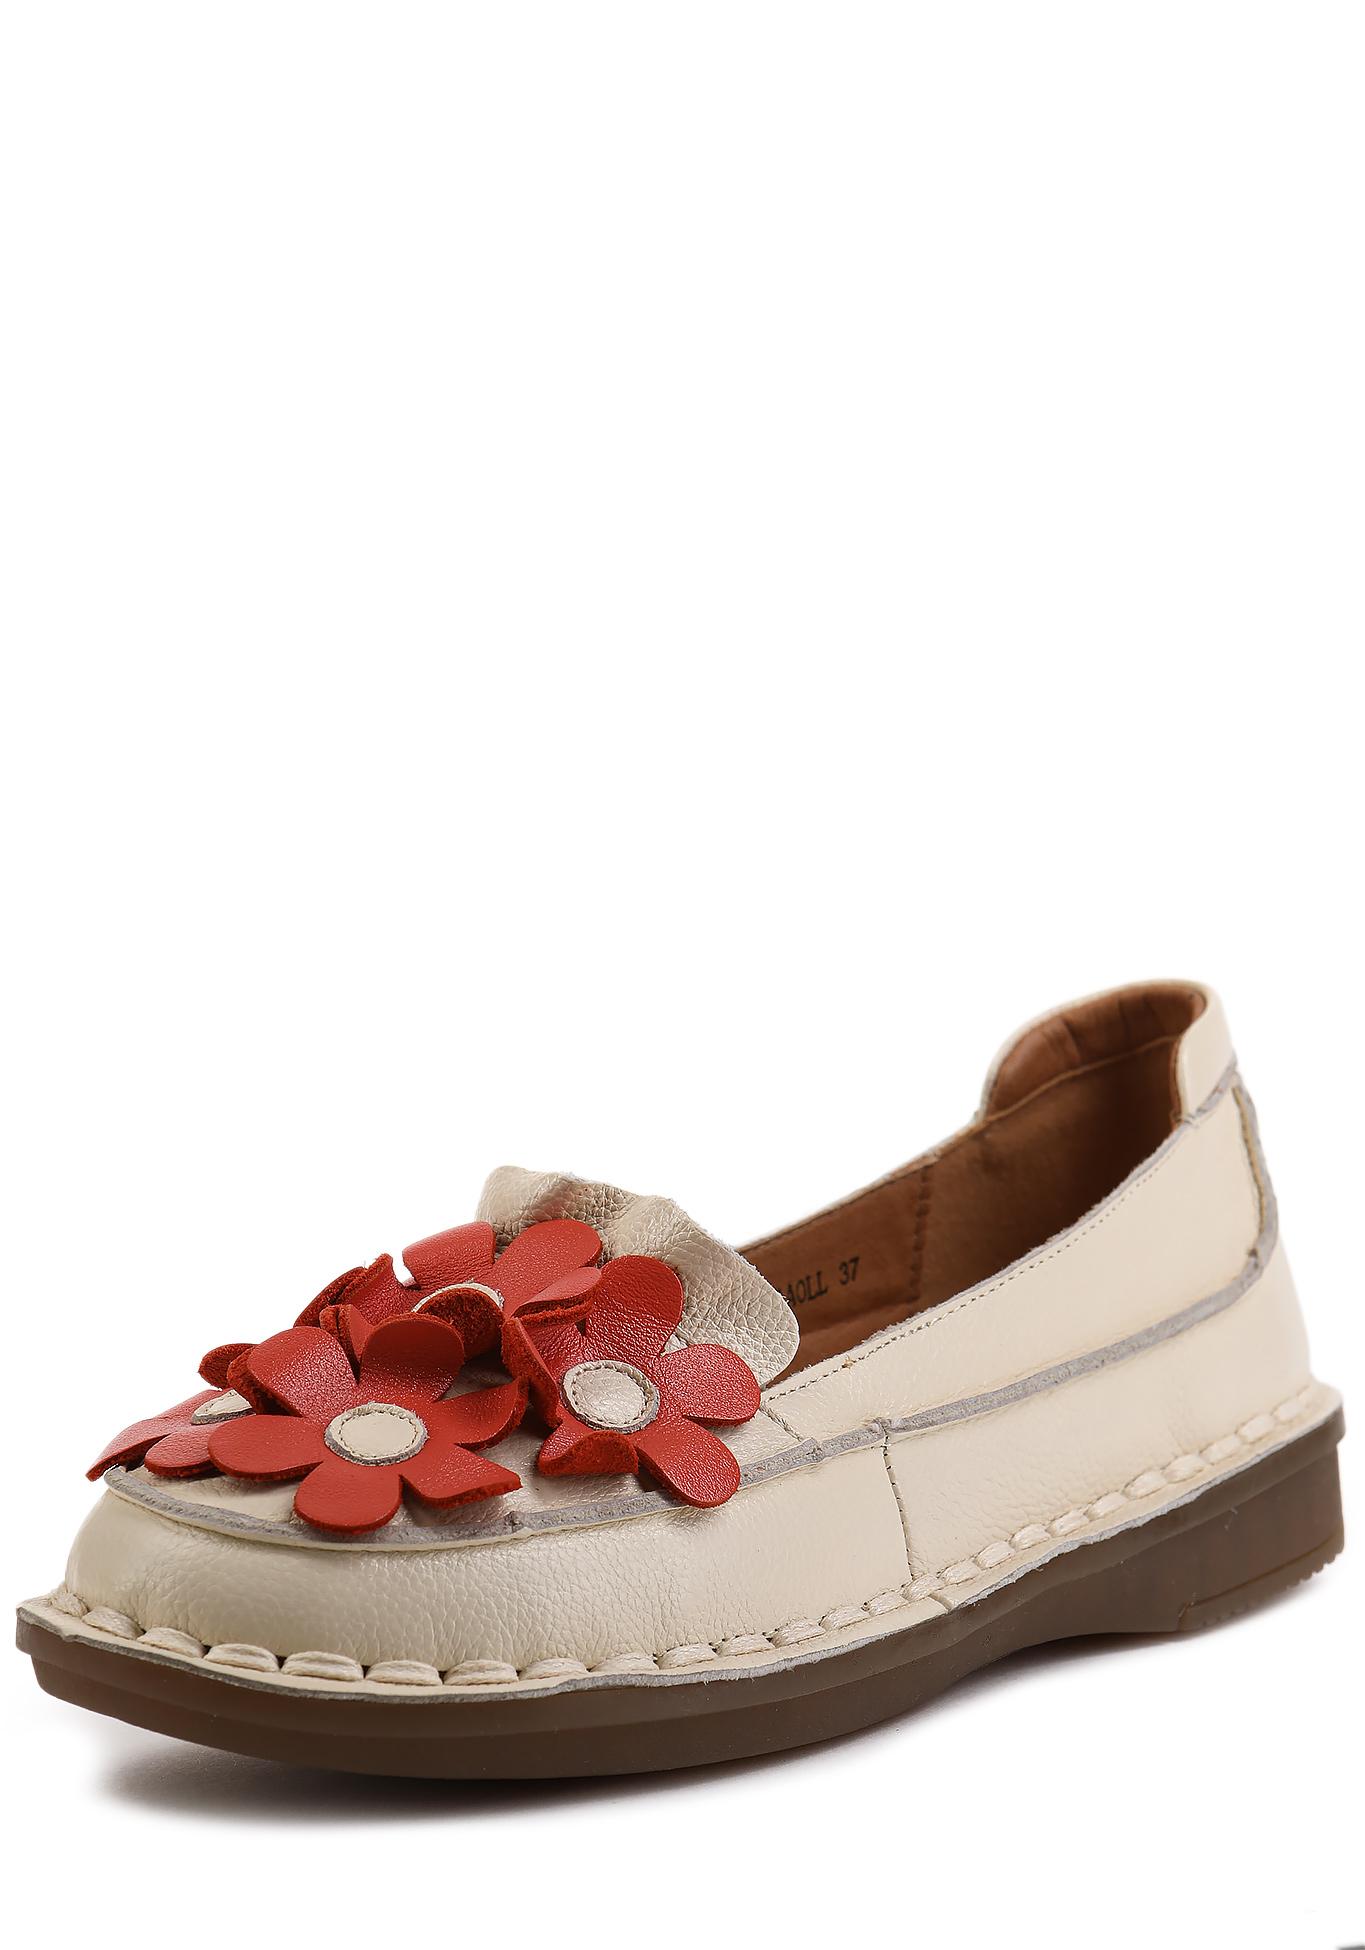 Туфли женские Флорисс